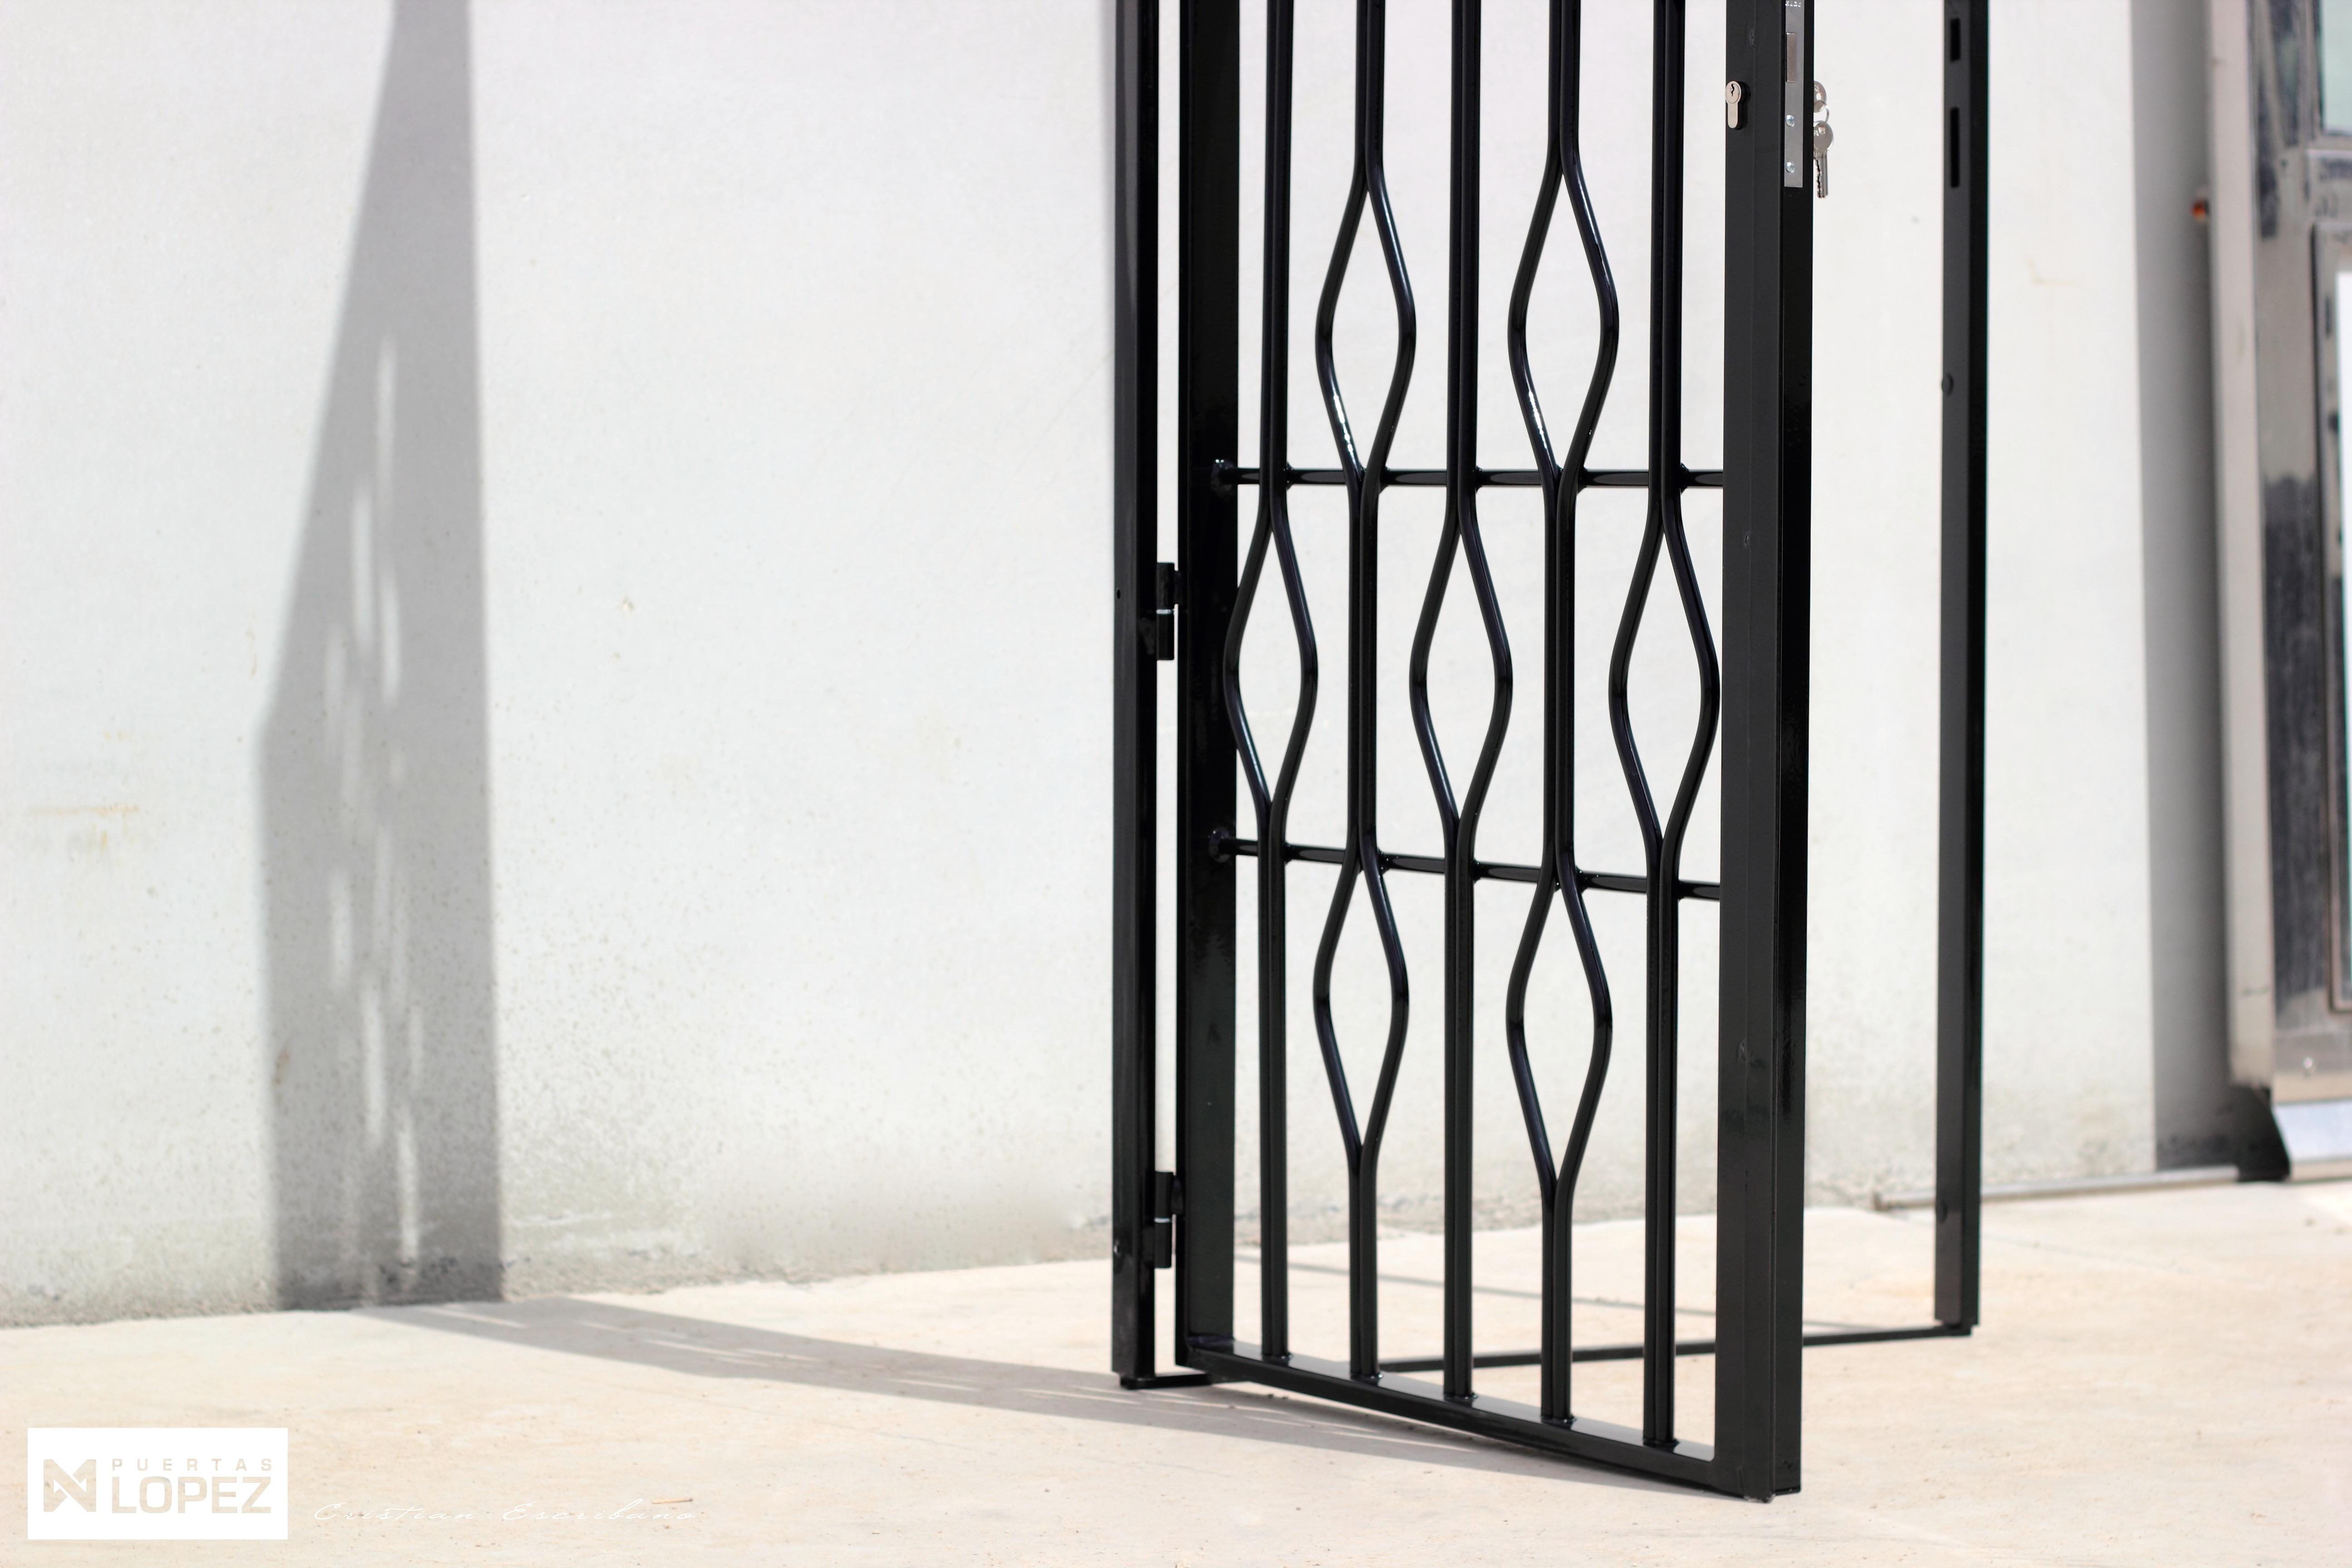 Puertas y rejas metalicas puertas metalicas todo en for Modelos de puertas y precios